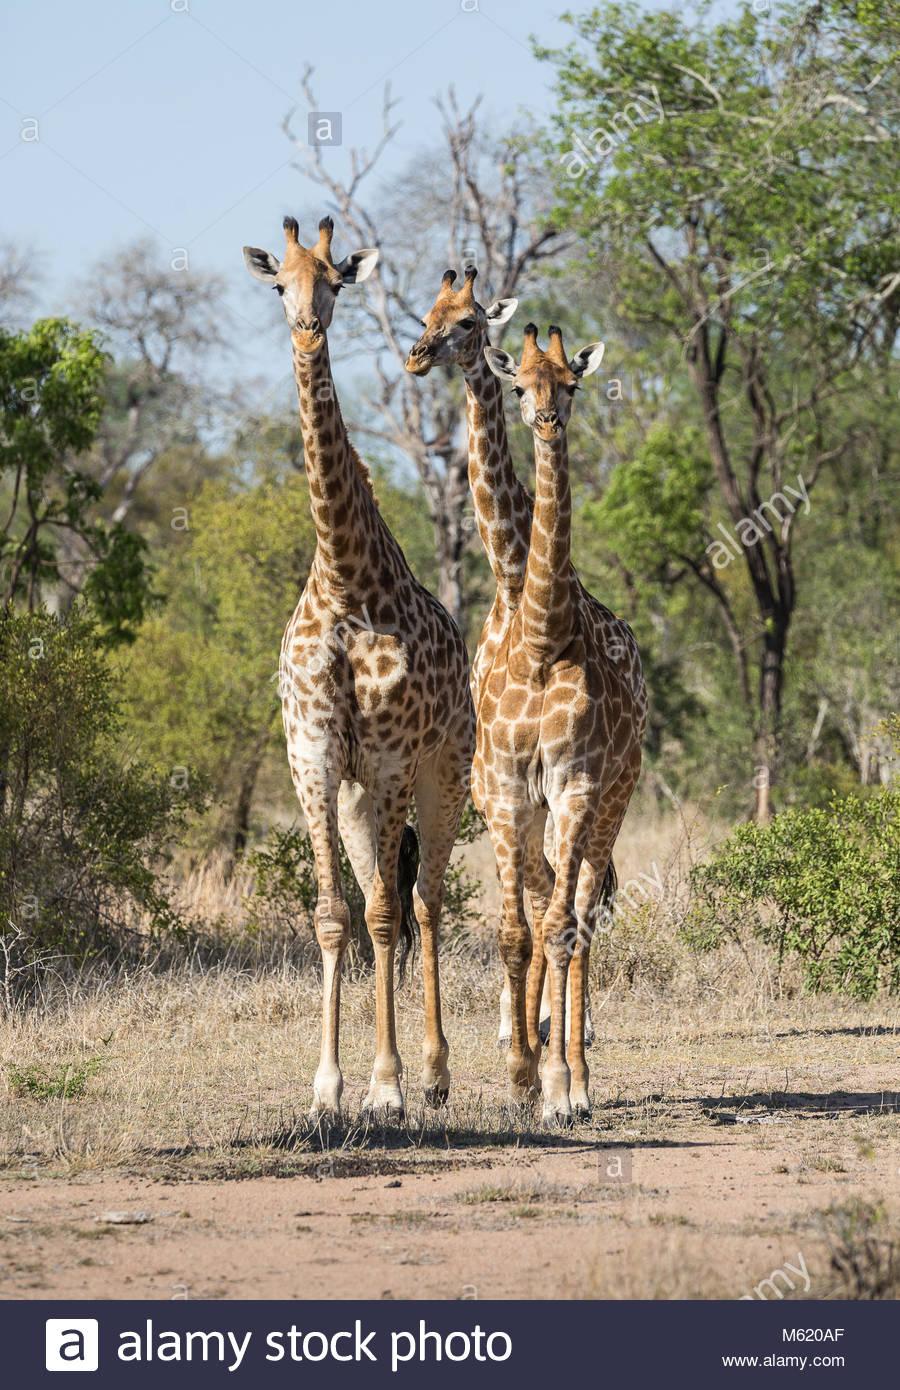 Un trio di giraffe, Giraffa, in movimento. Immagini Stock